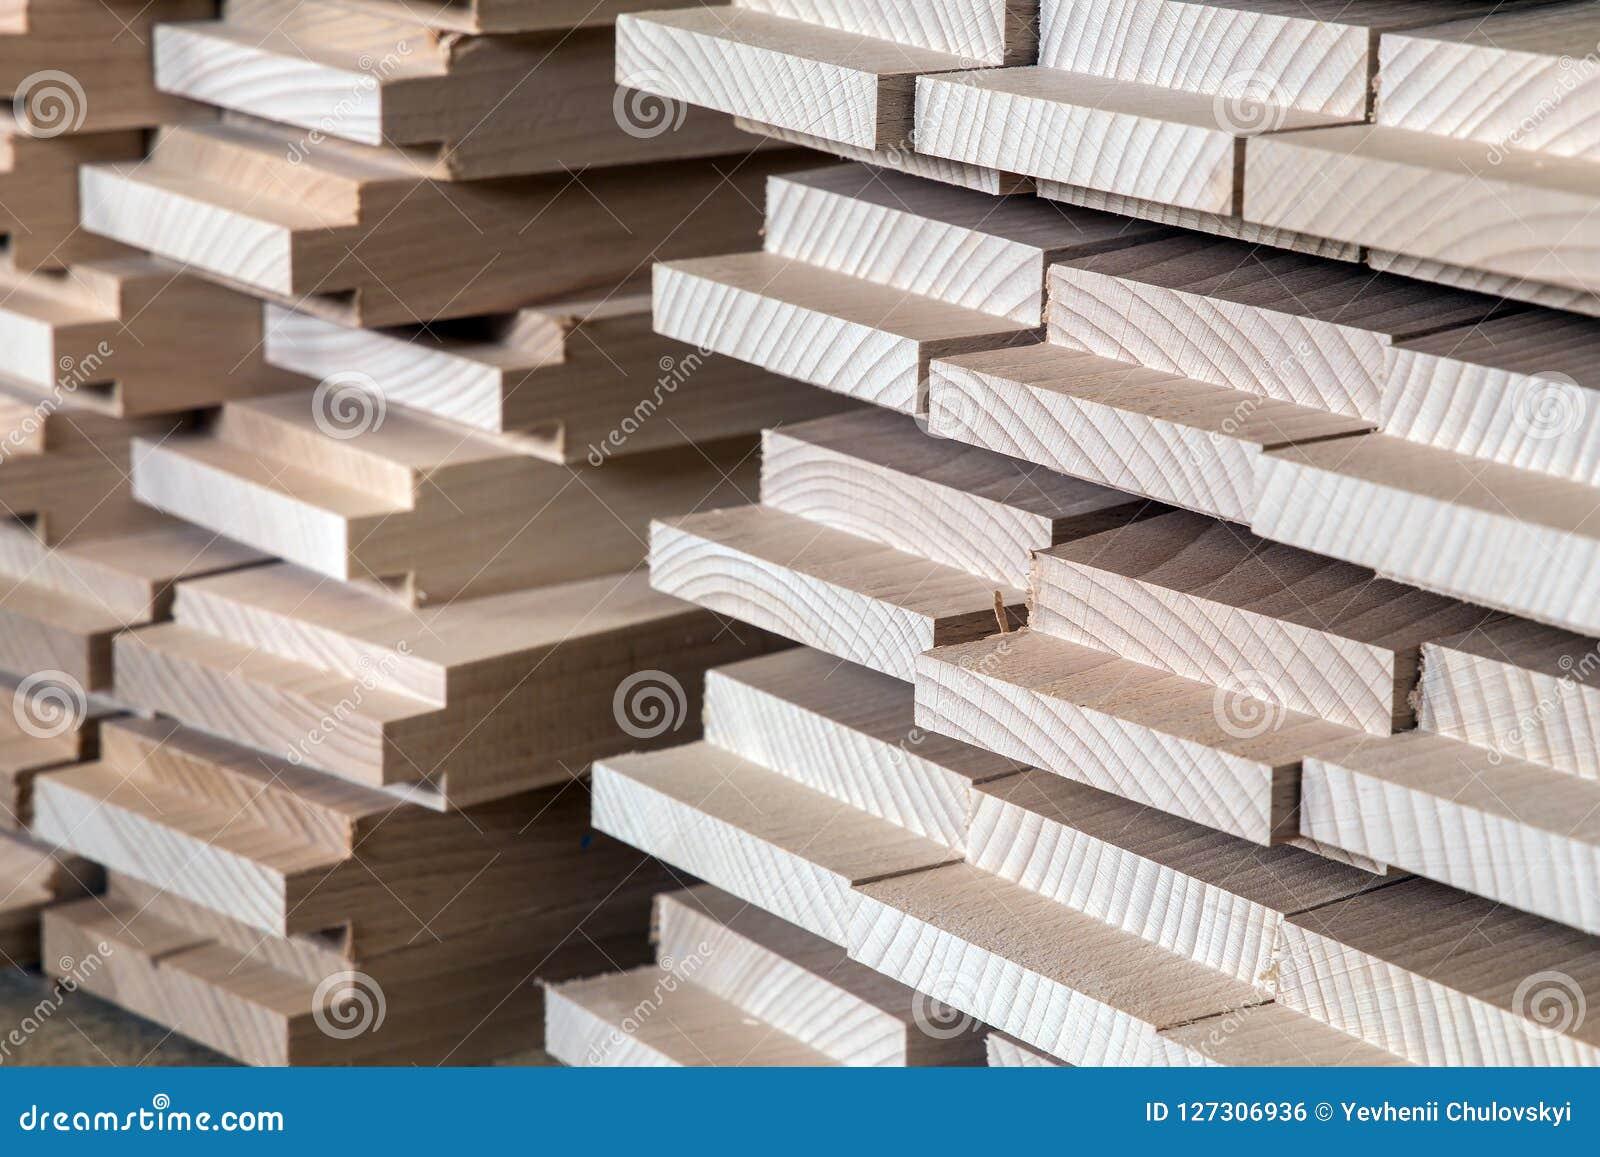 Тимберс, деревянный строительный материал для предпосылки и текстура детализирует деревянный шип продукции изделия из древесины с